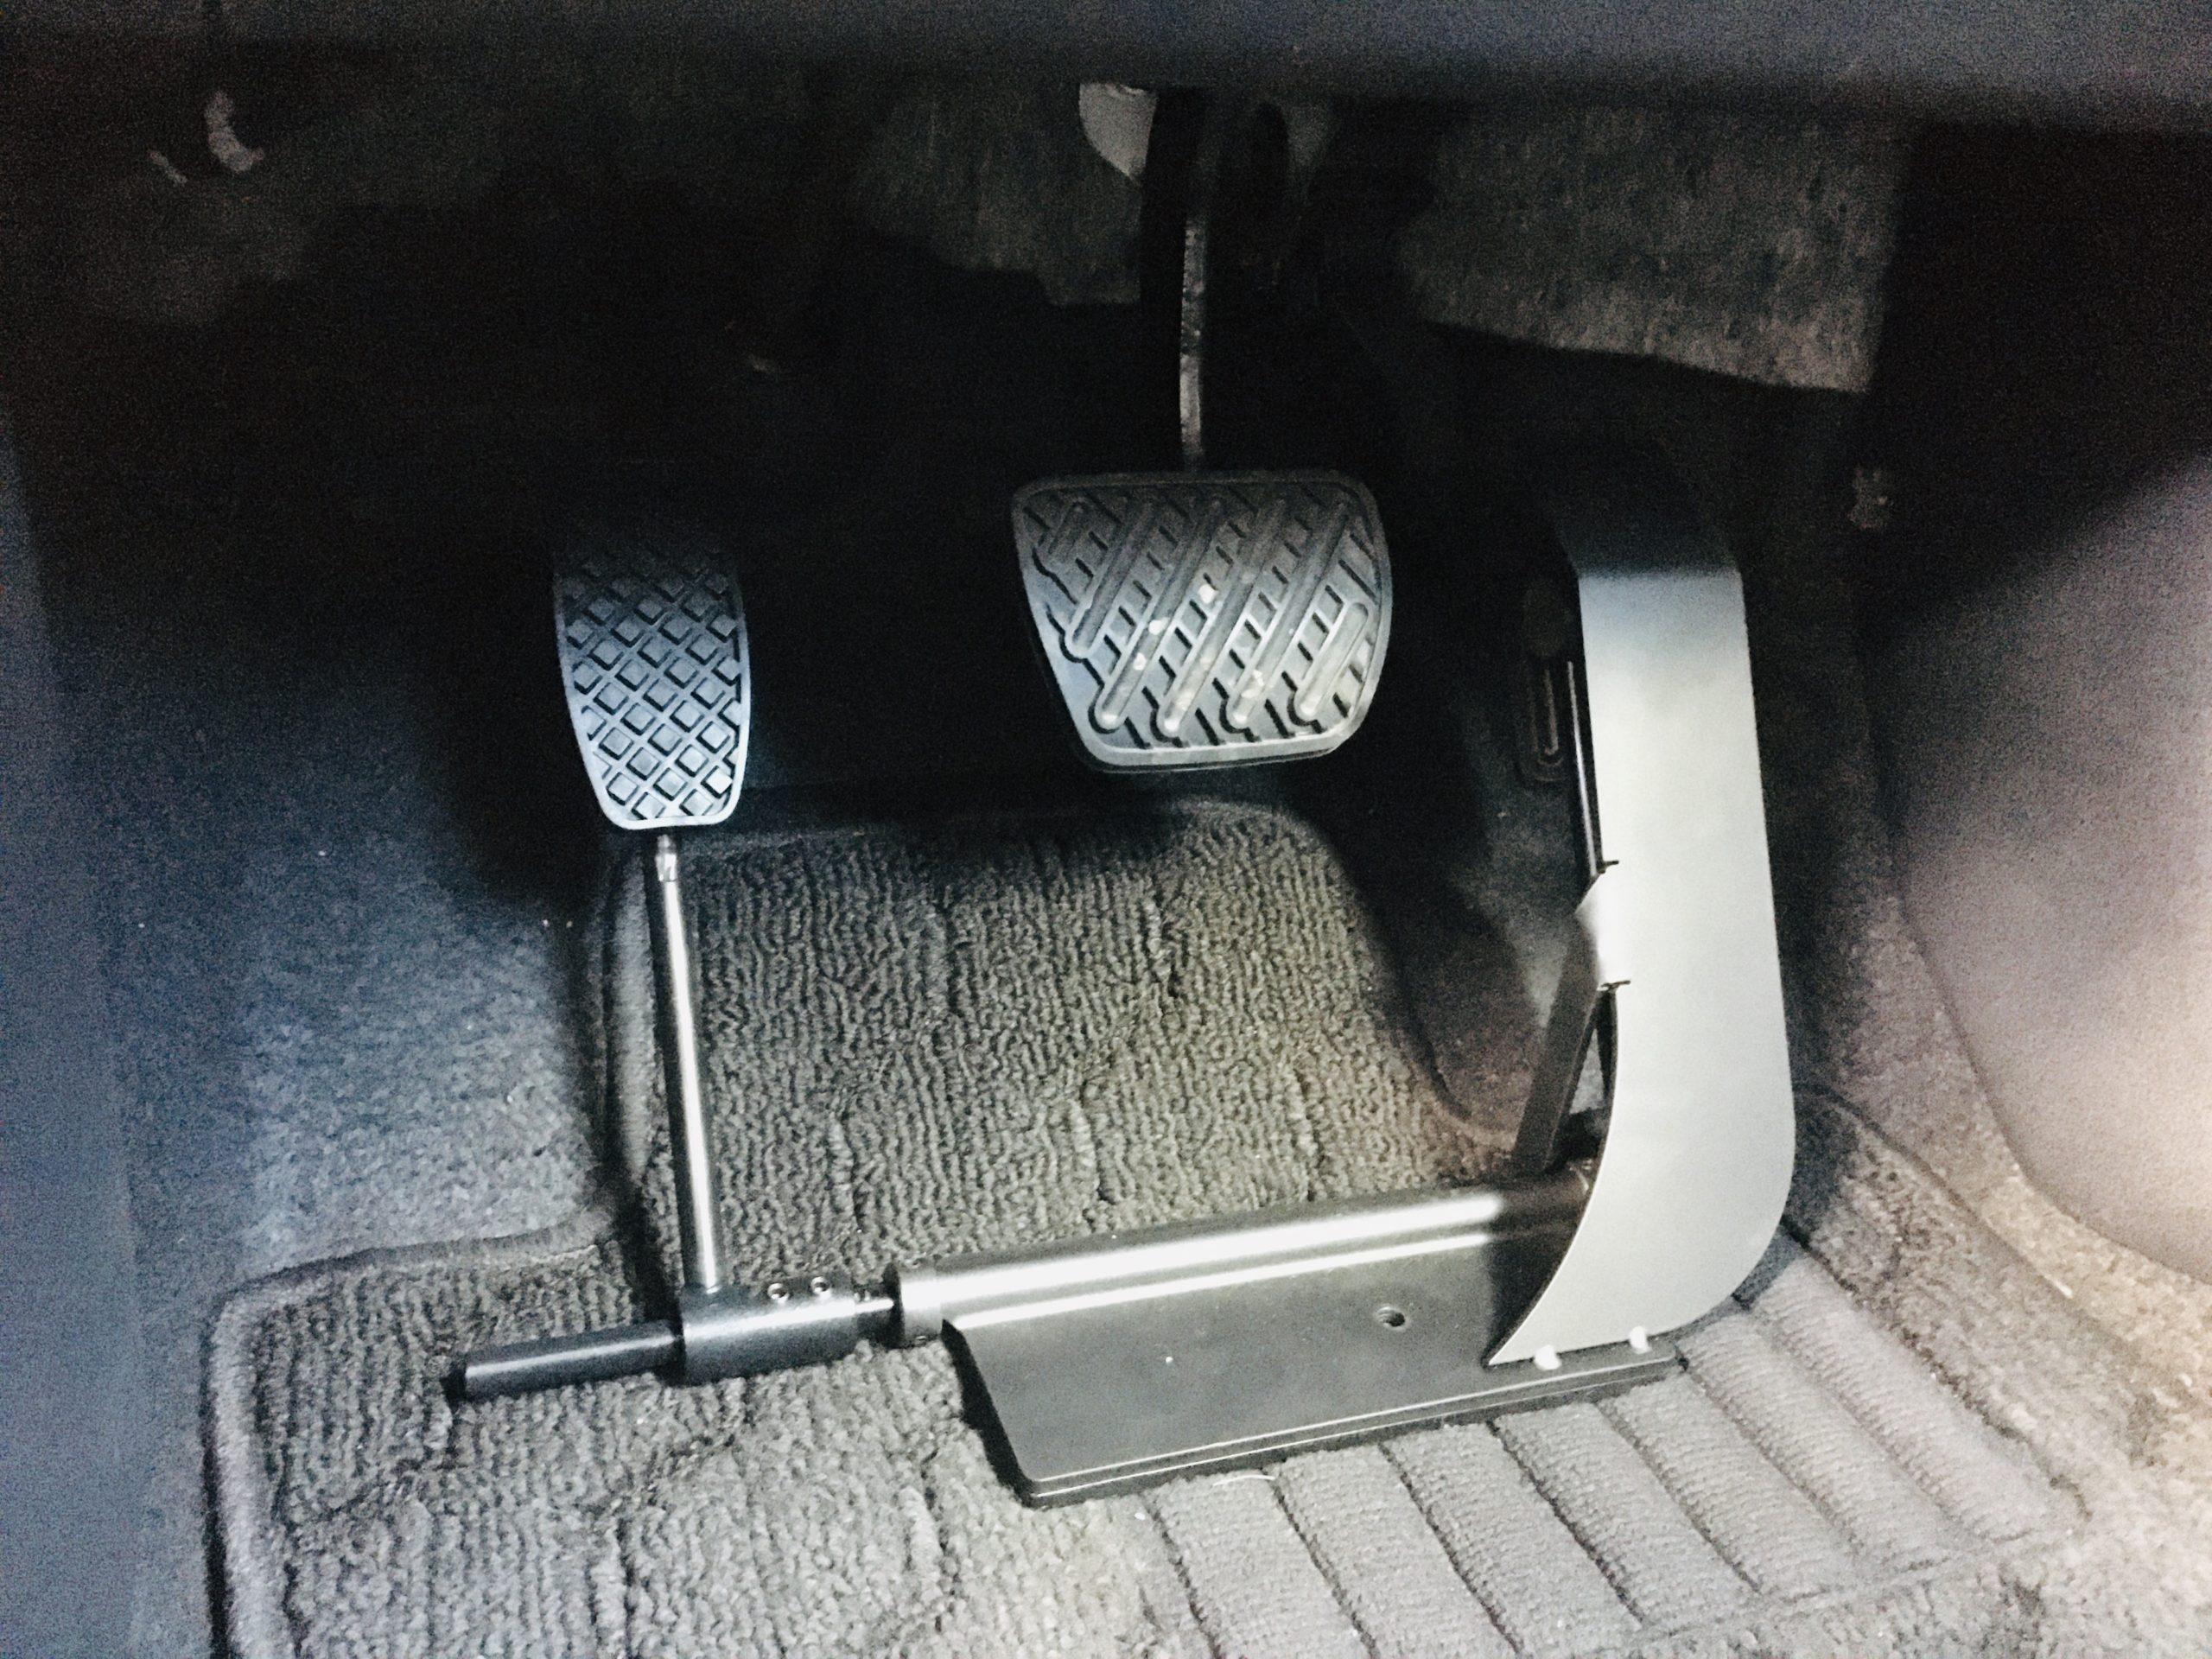 福祉車両改造 日産ジューク 左足アクセル 福祉車両への改造 ⑦